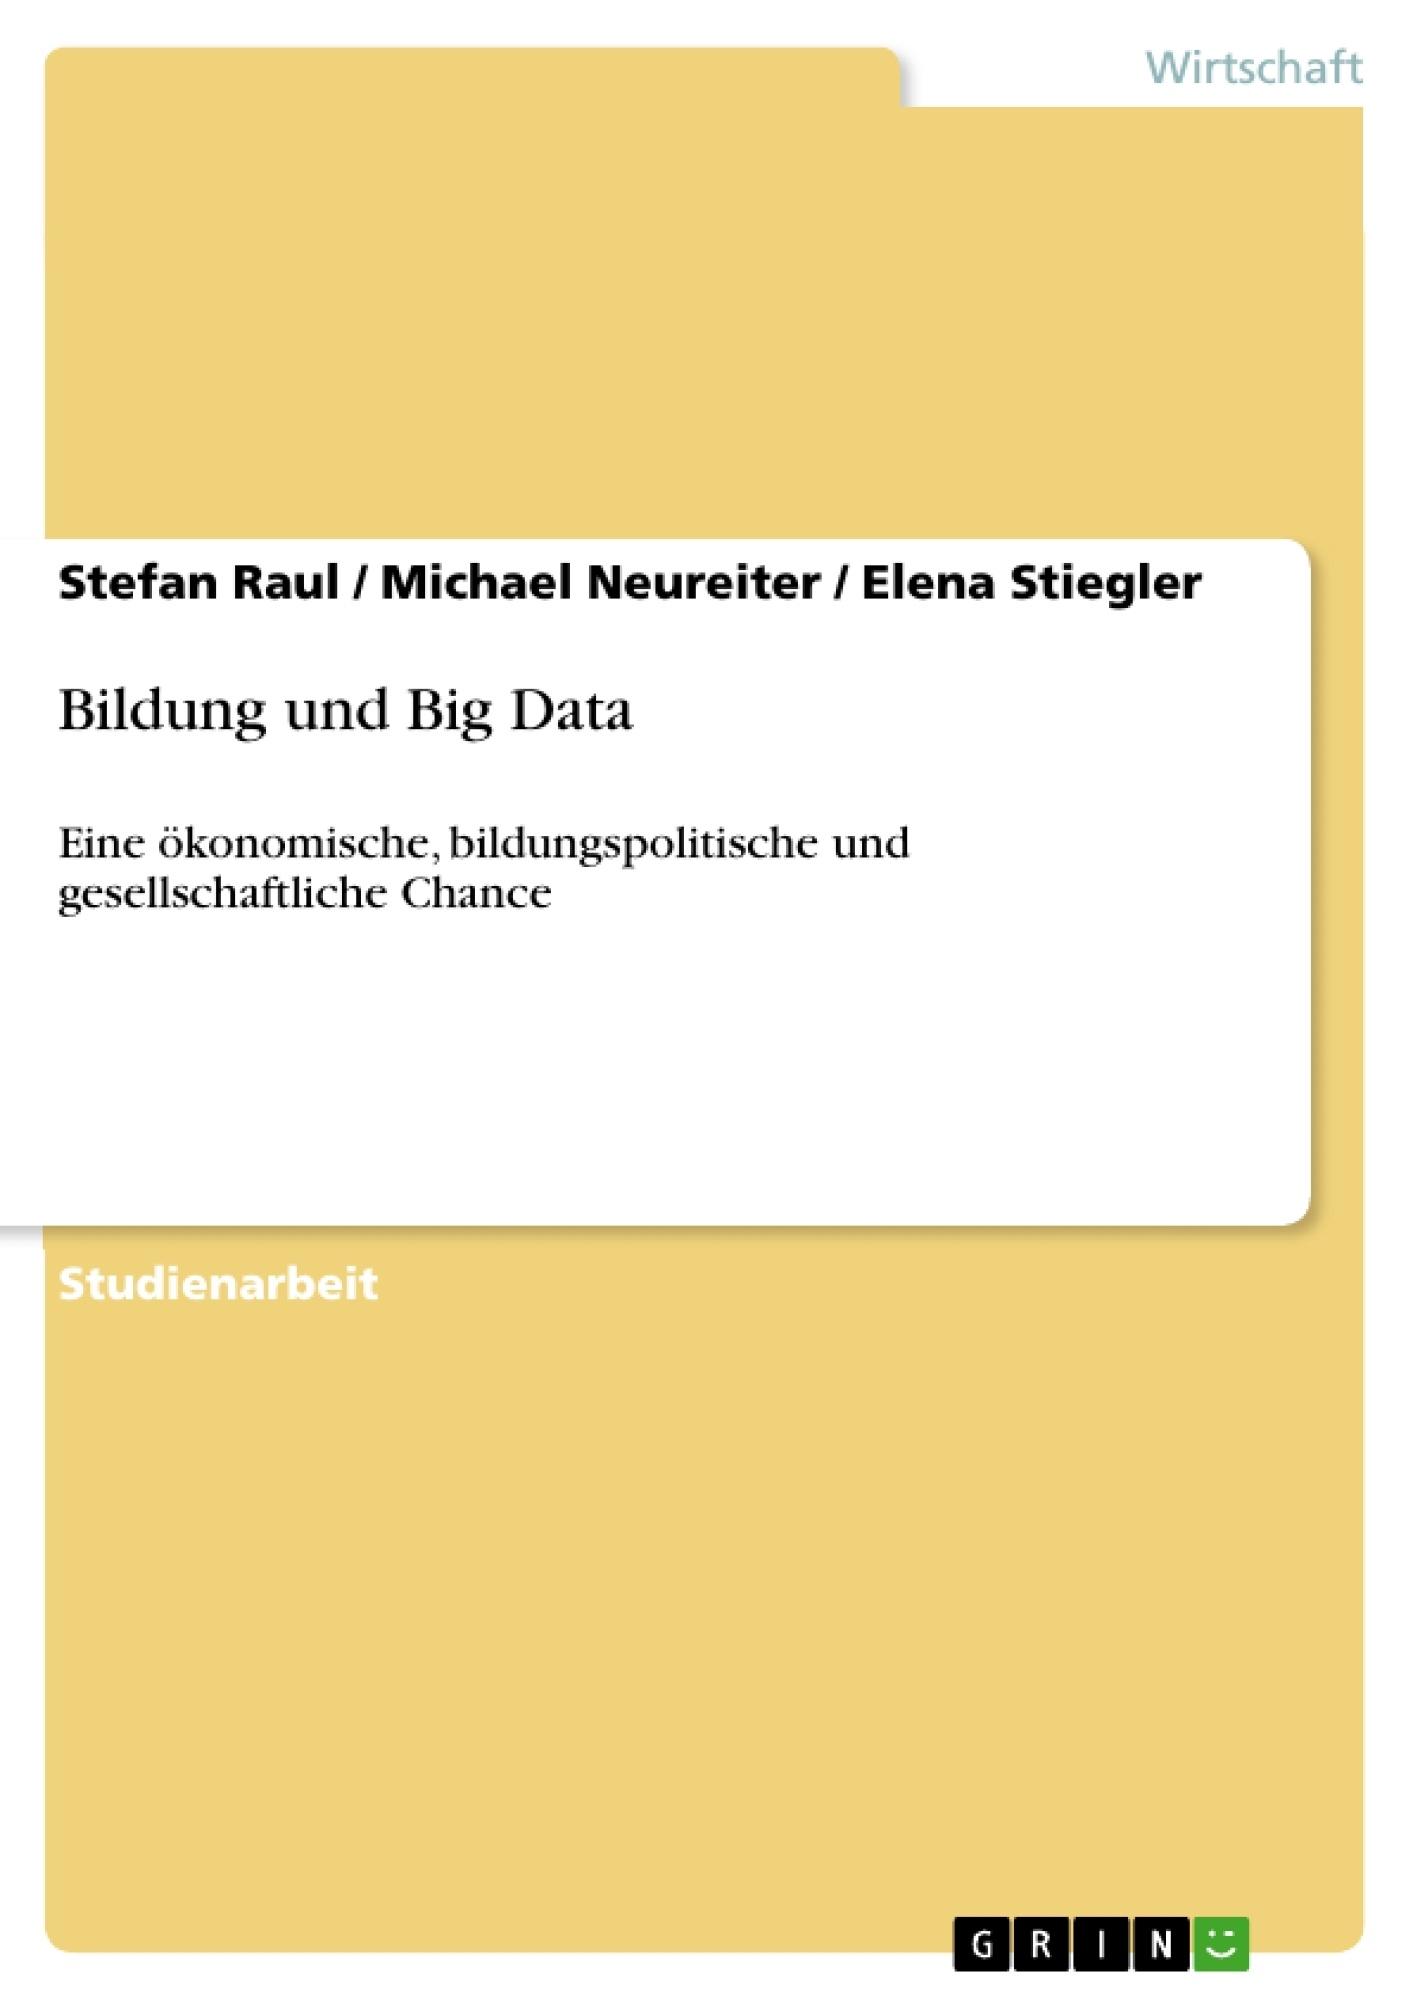 Titel: Bildung und Big Data